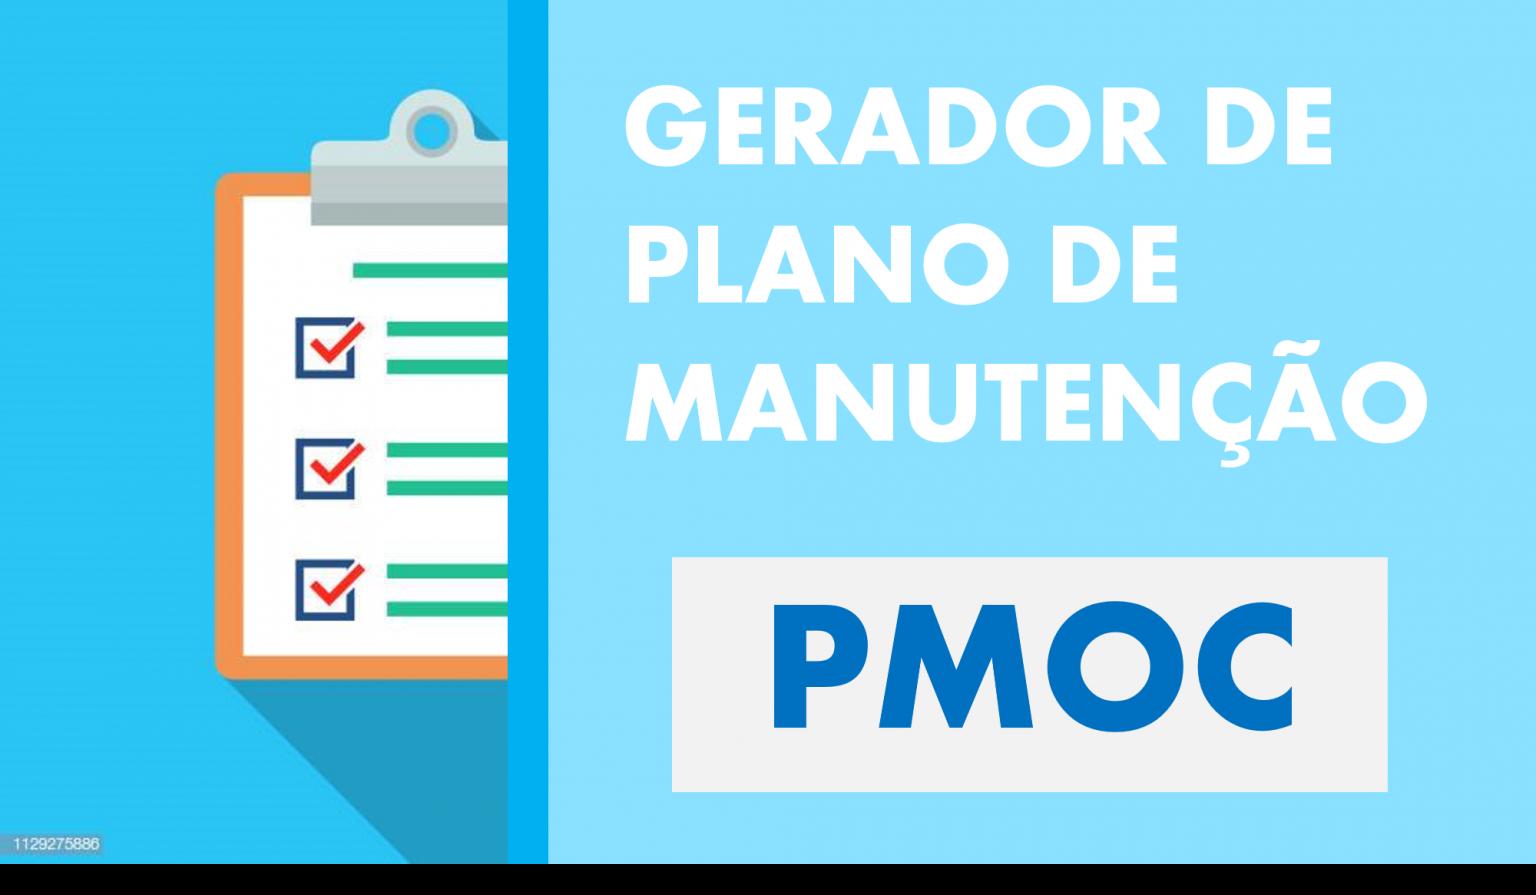 plano-de-manutenção-pmoc-excel